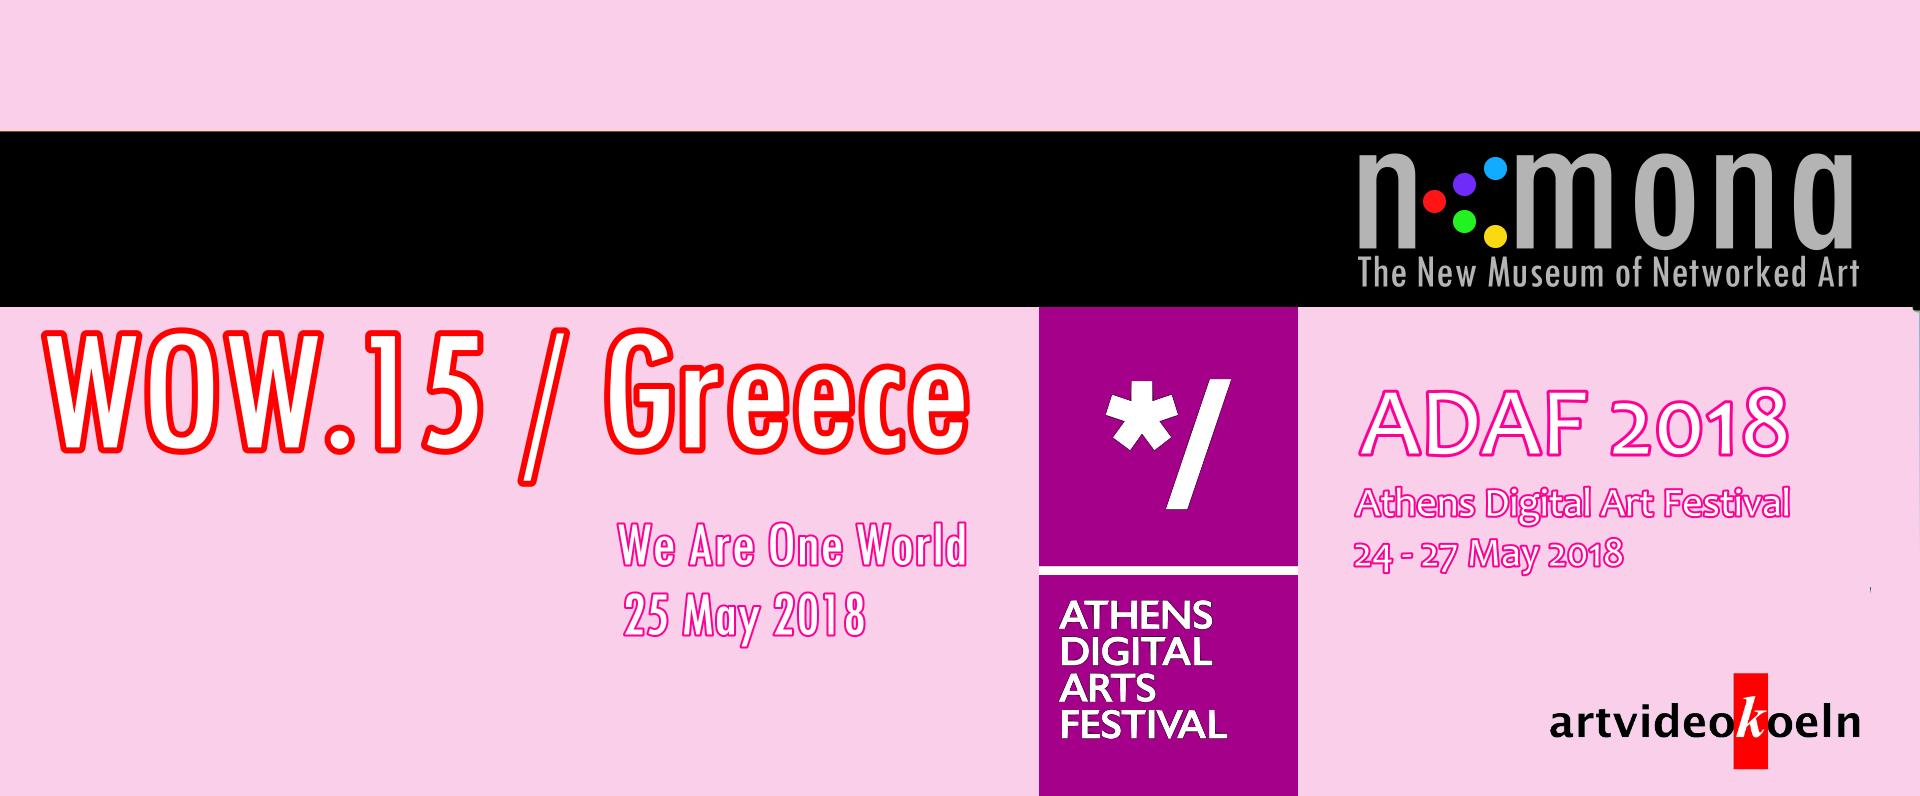 WOW.15 / Greece